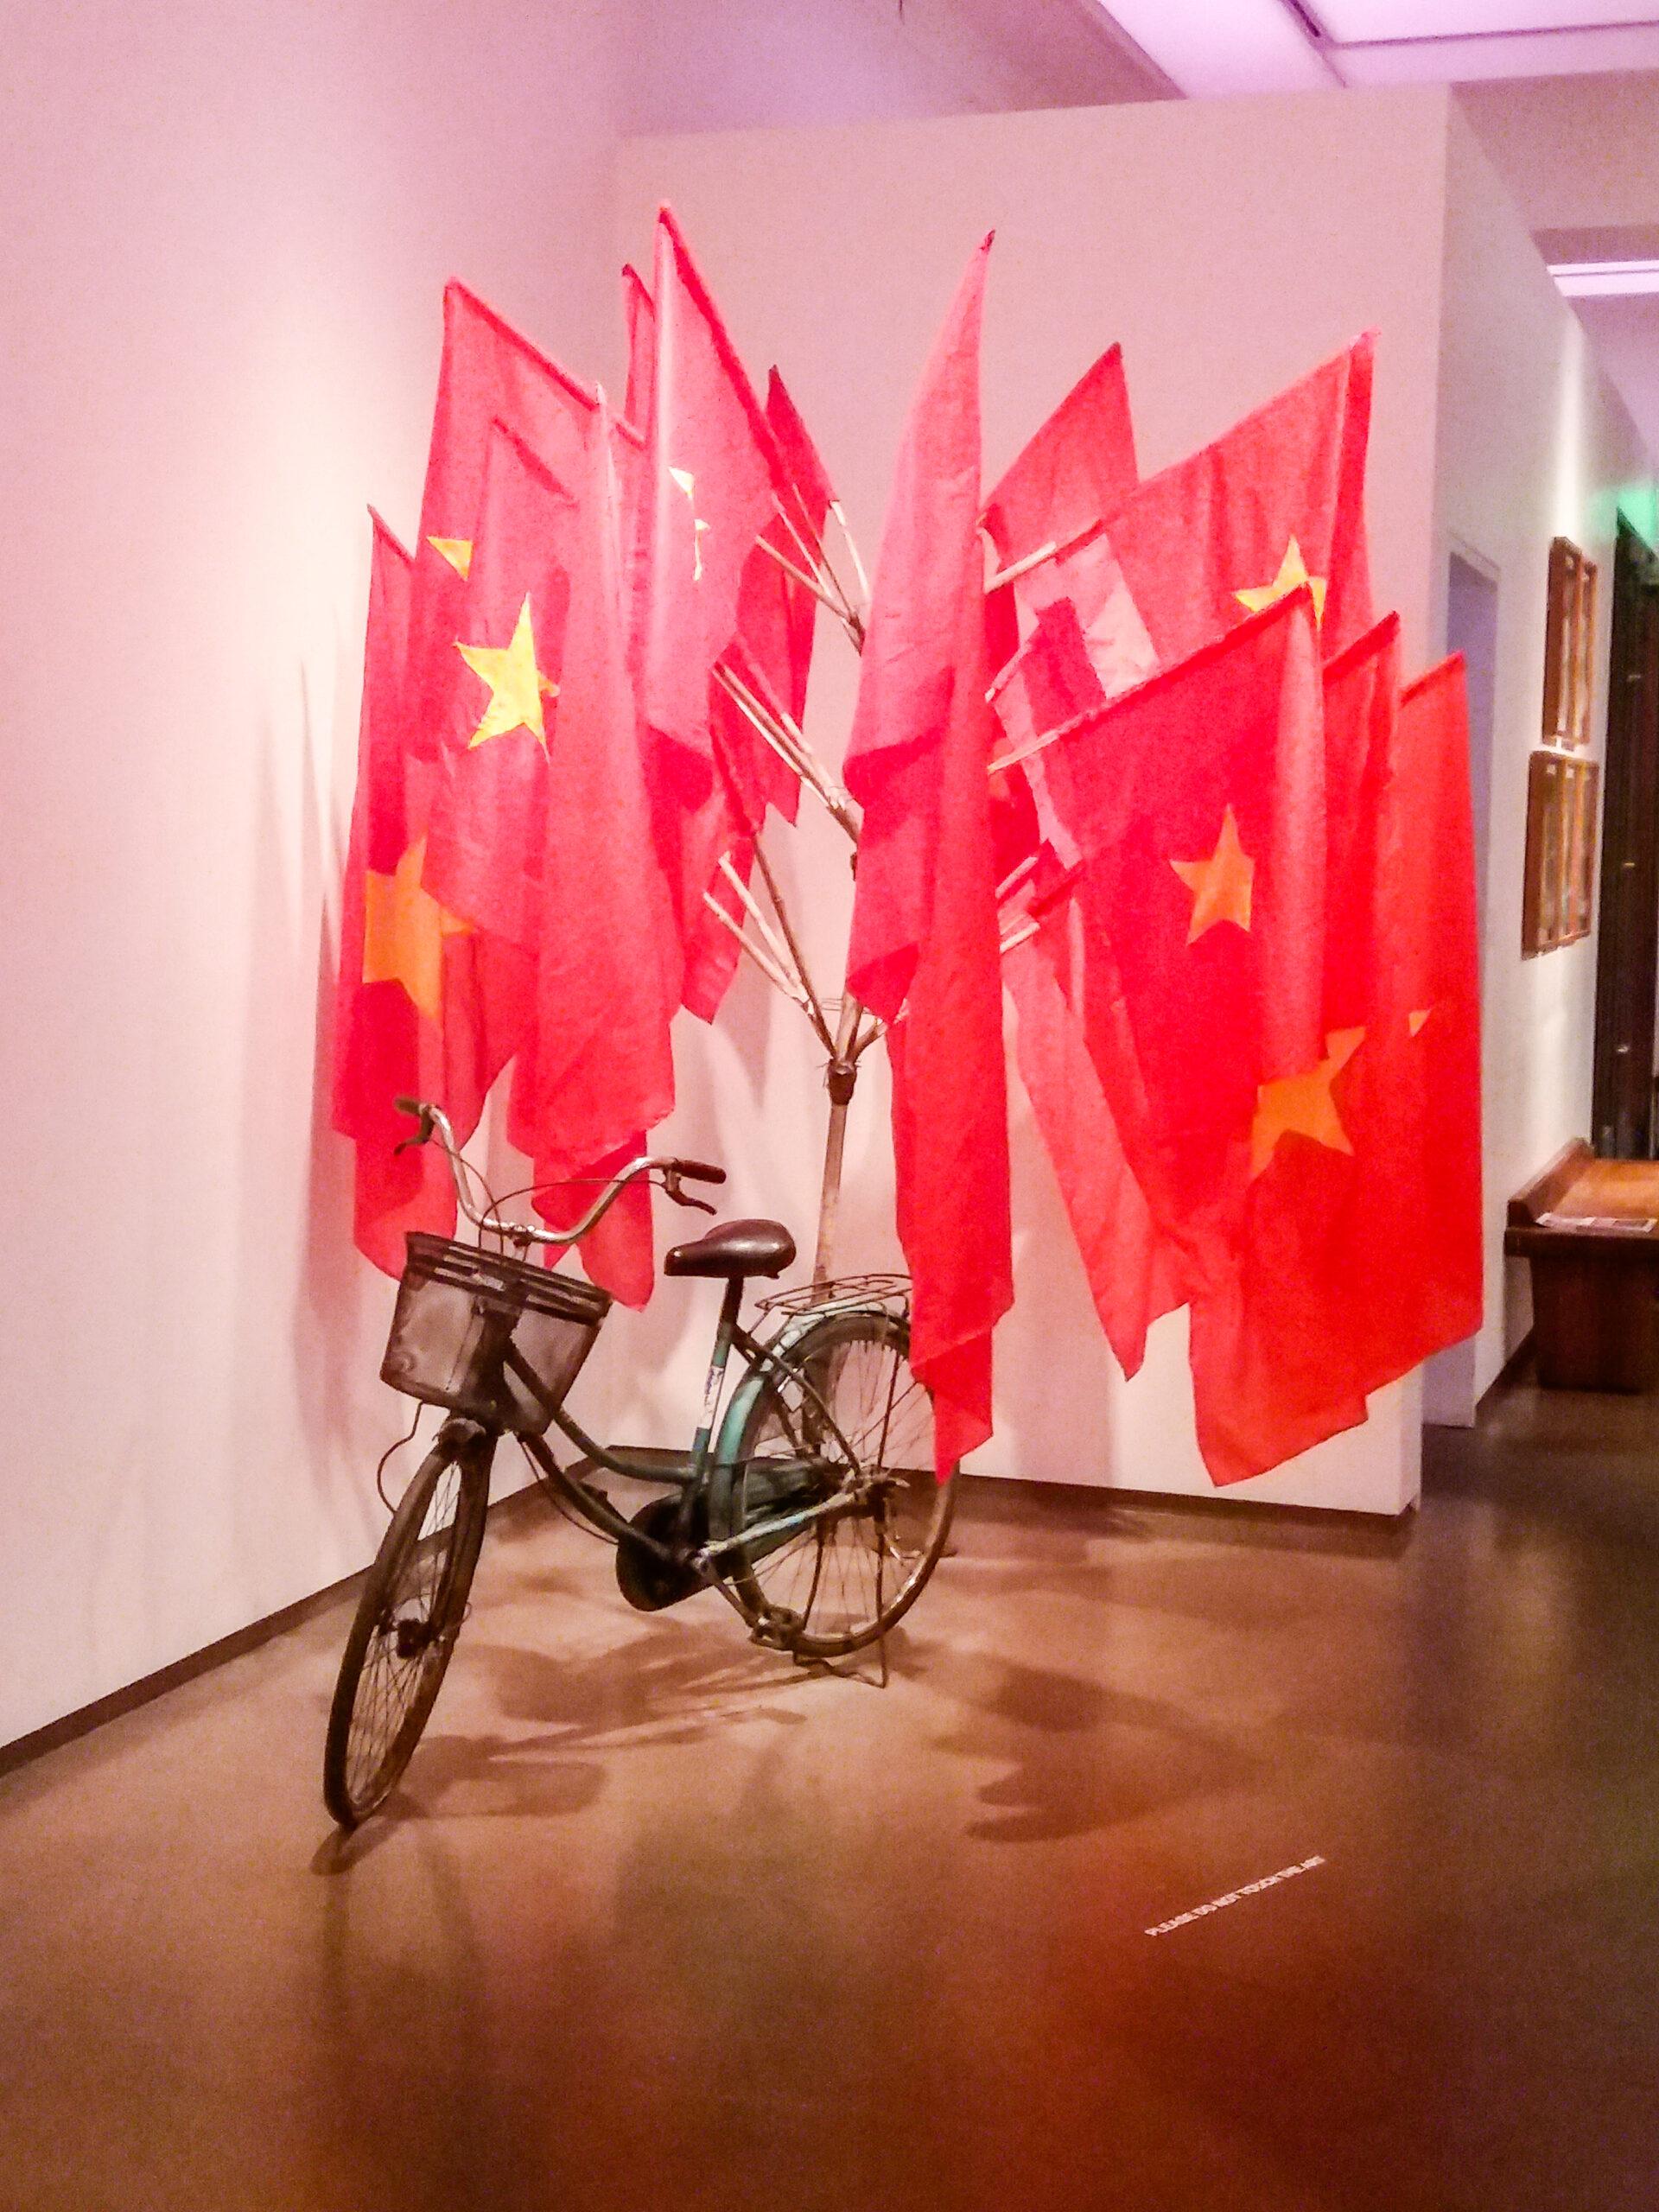 21c hotel art exhibit